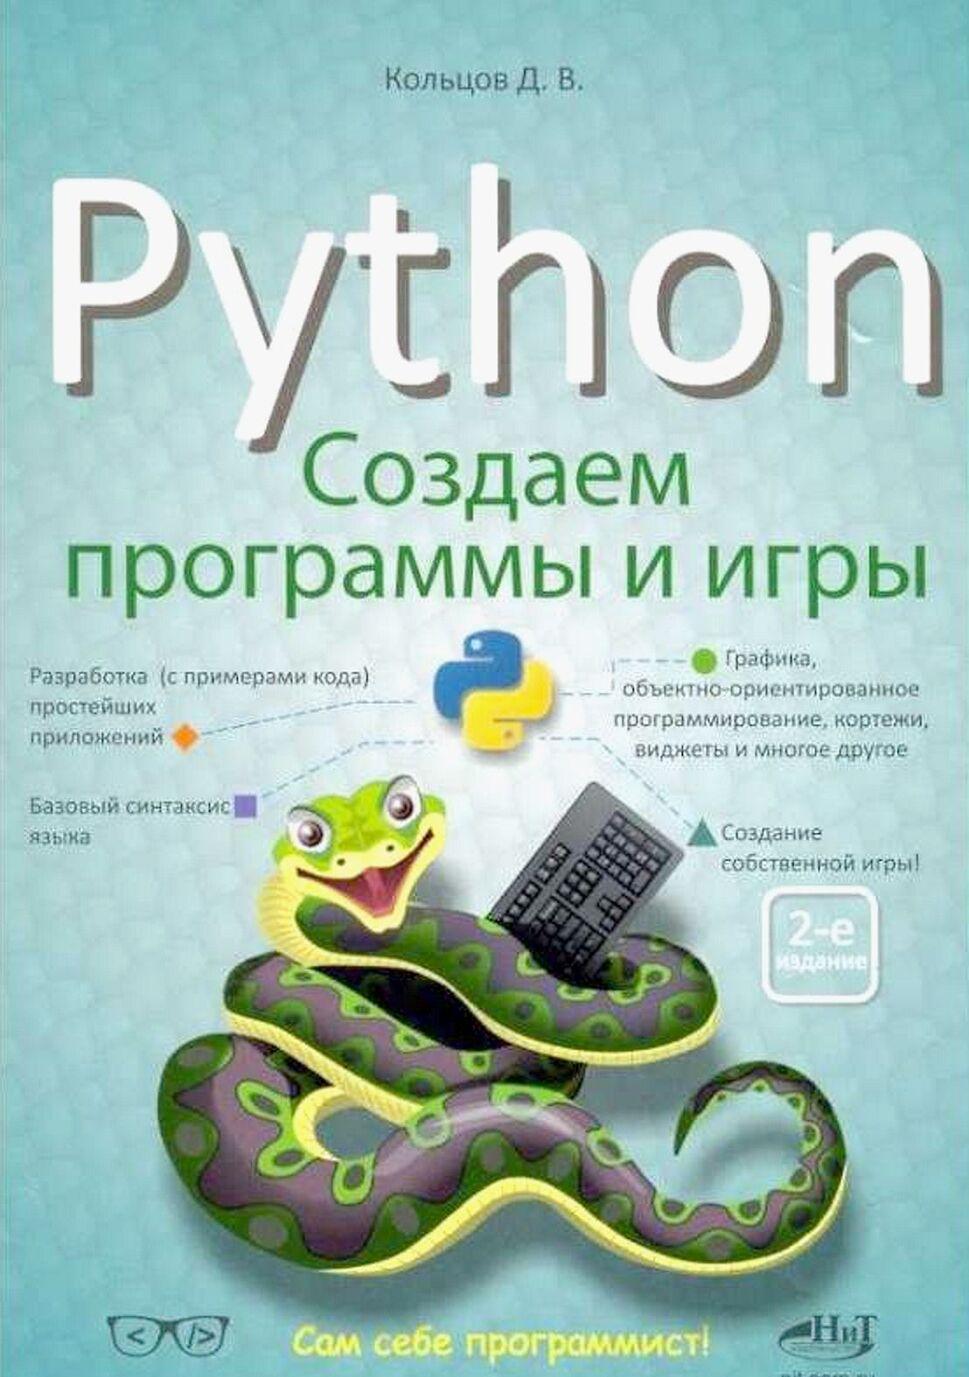 Python: sozdaem programmy i igry, 2-e izdanie